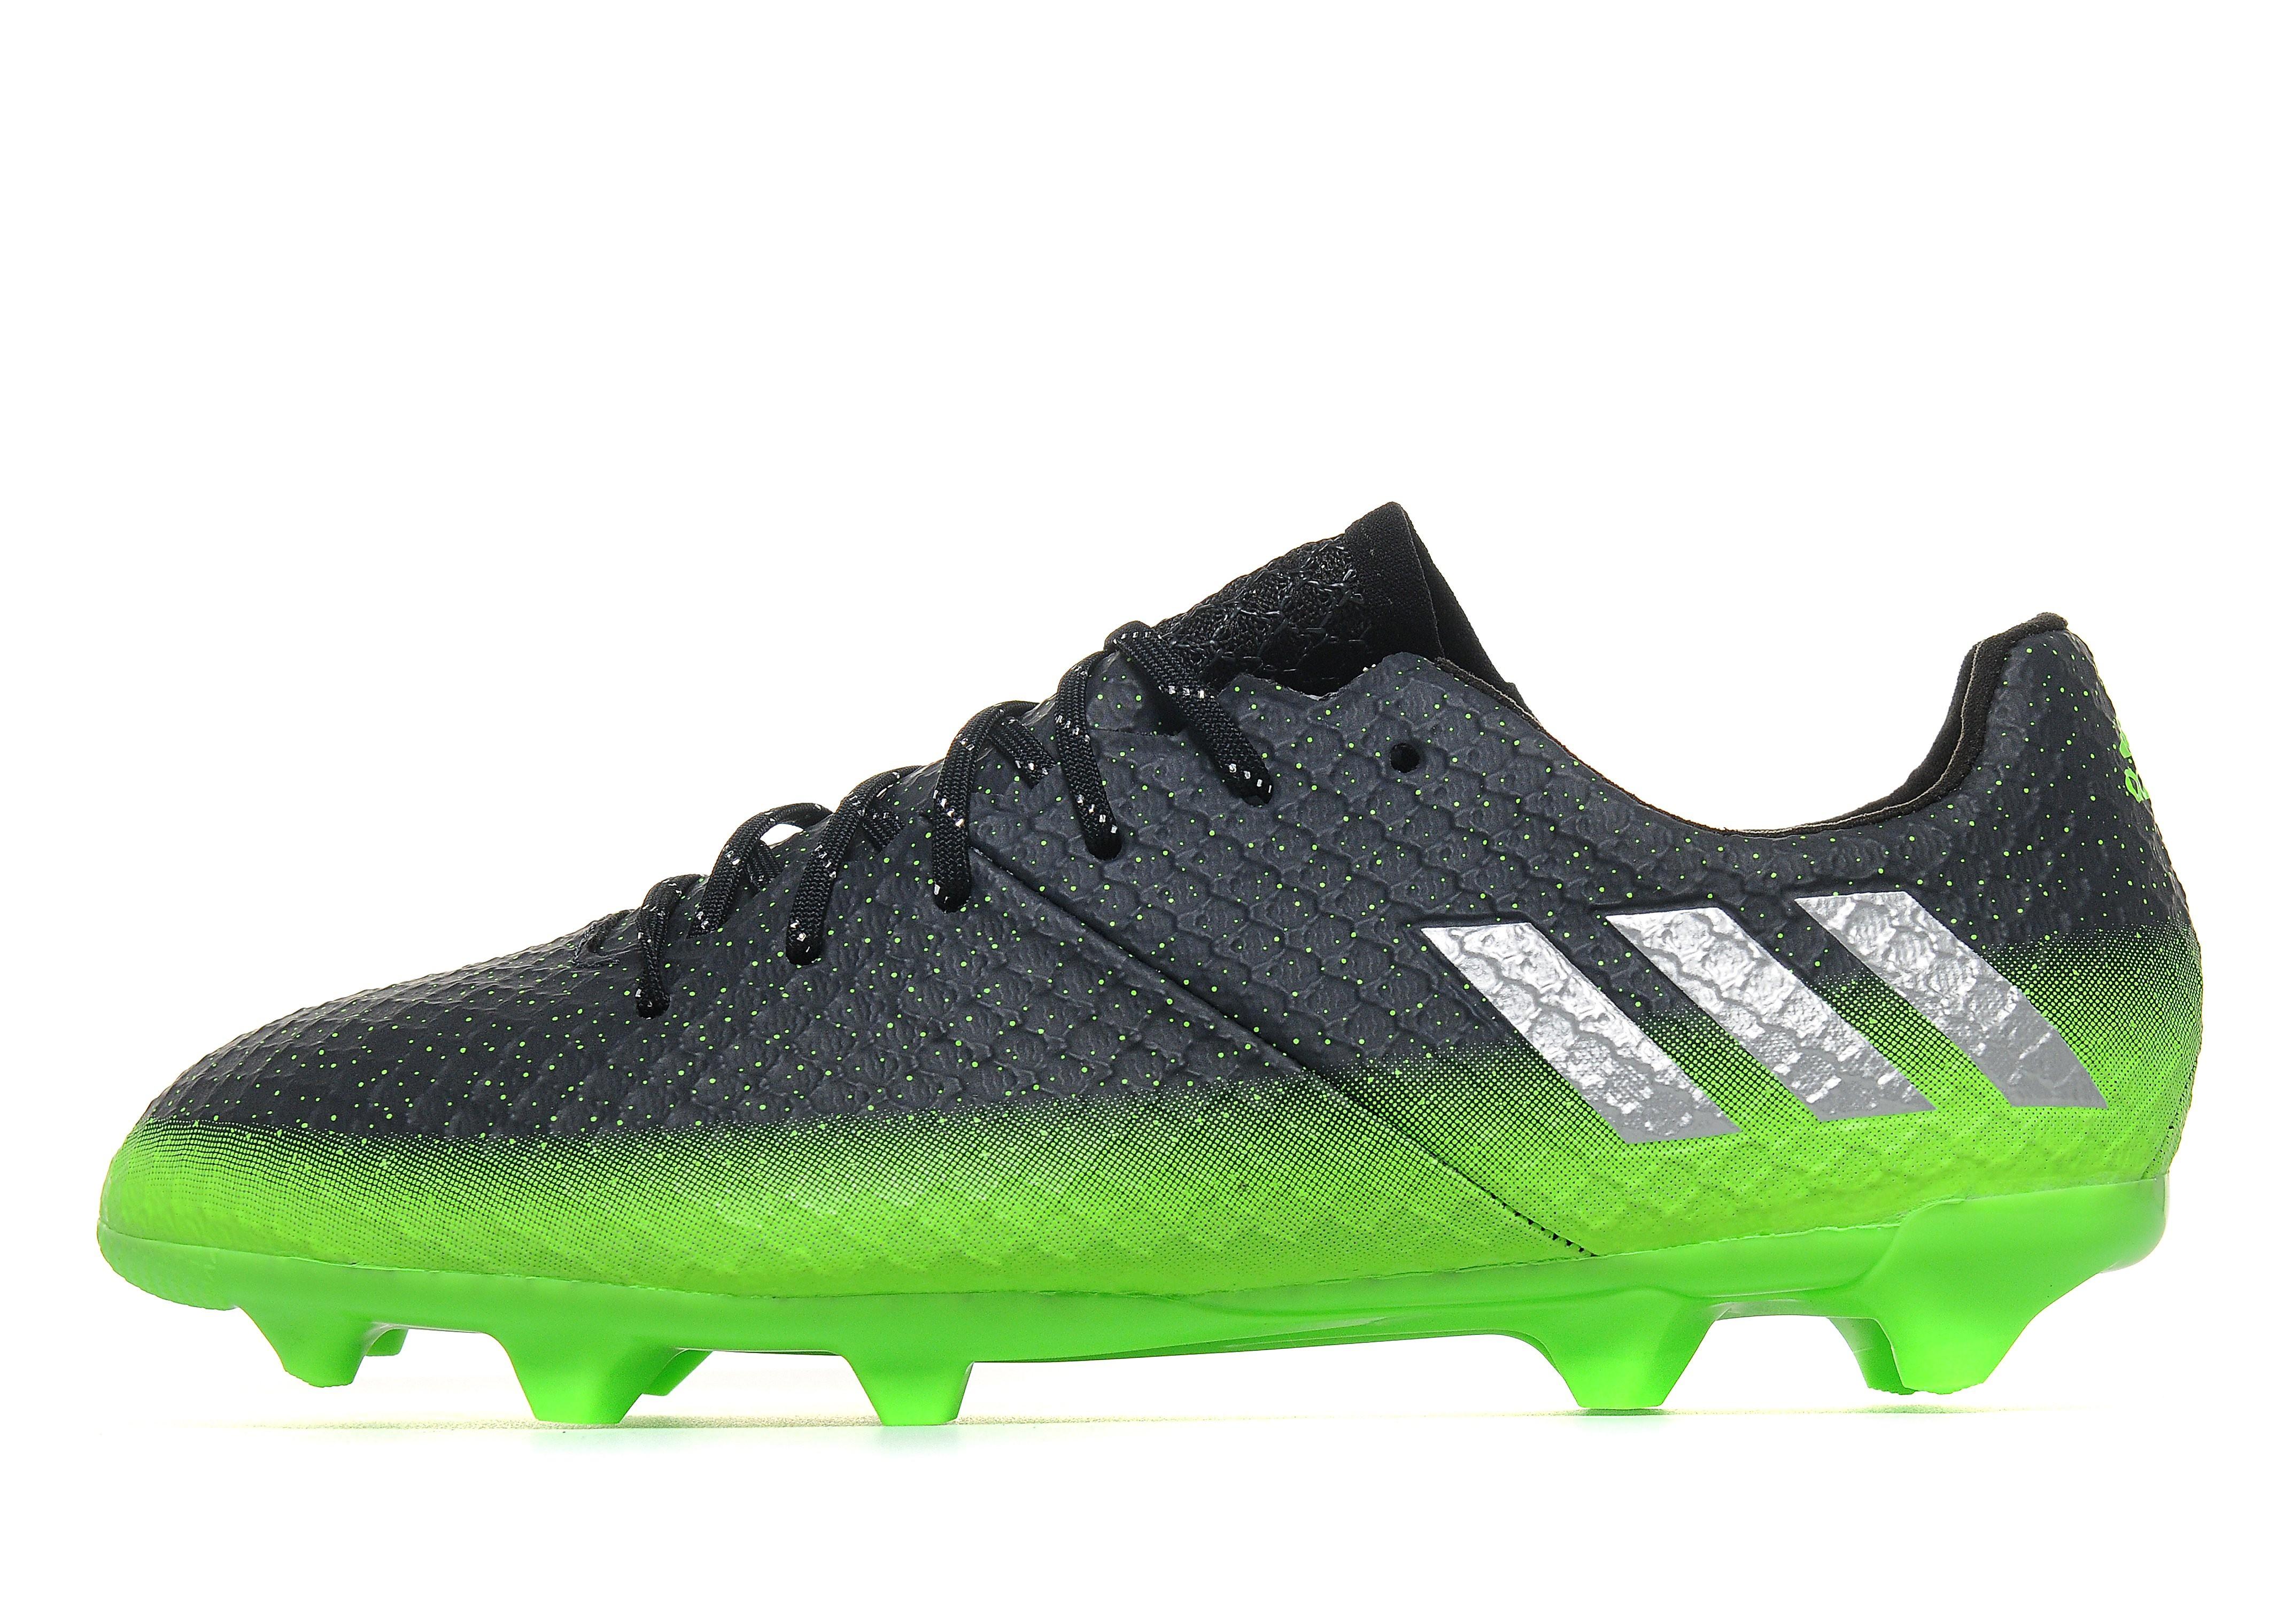 adidas Space Dust Messi 16.1 FG Junior